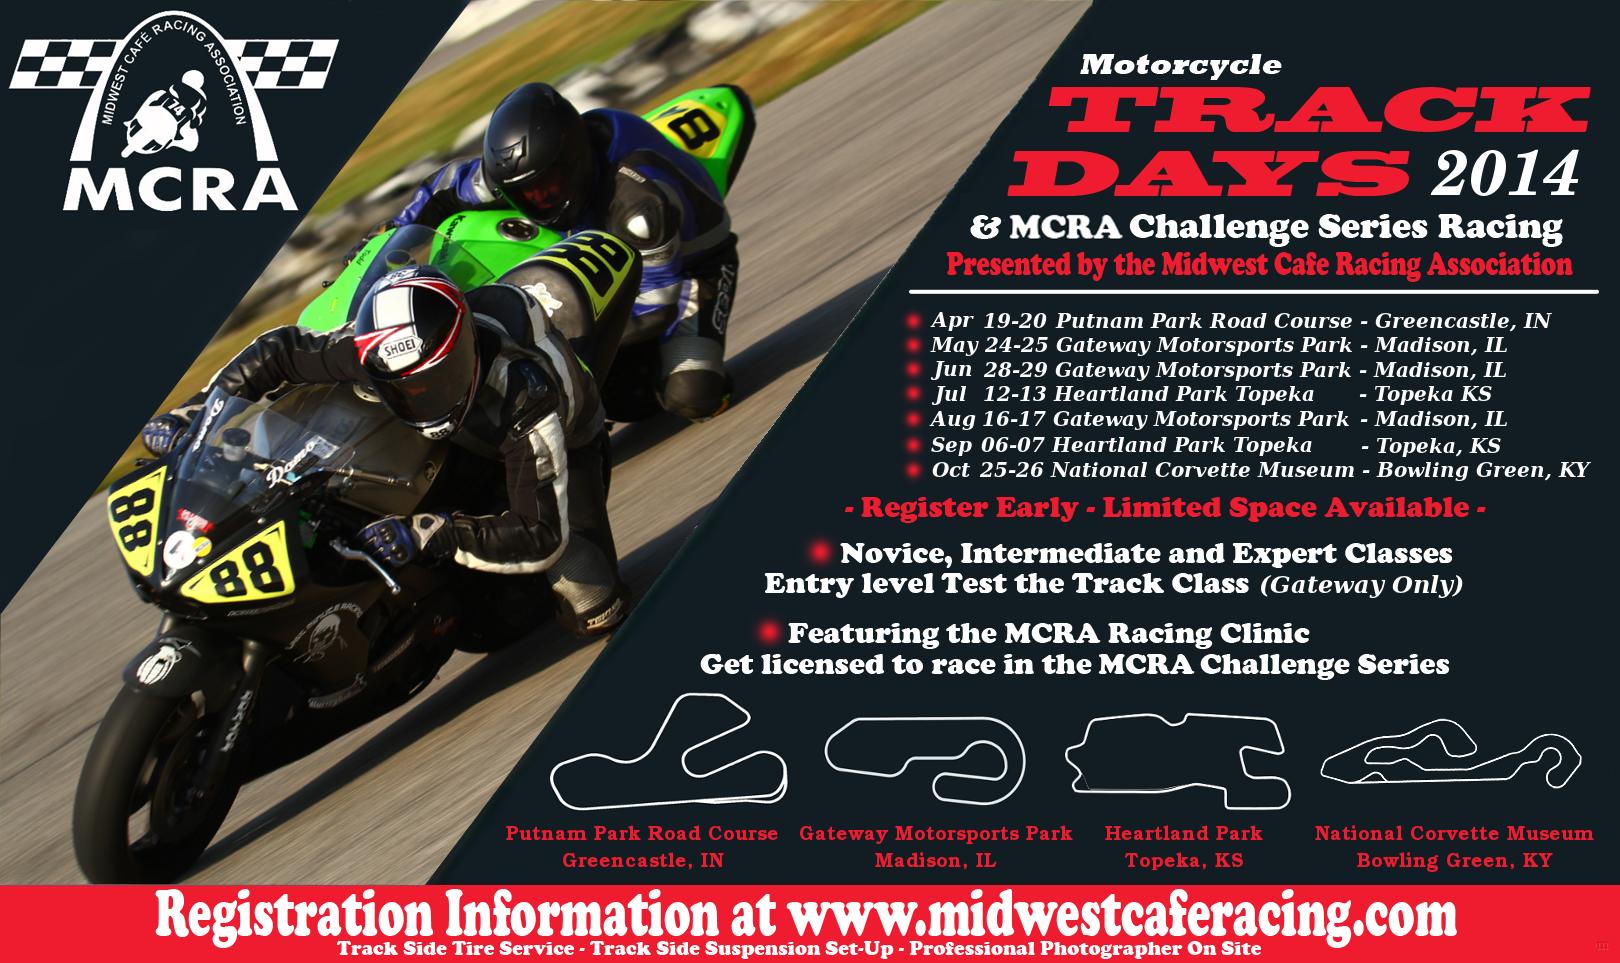 MCRA 2014 Schedule